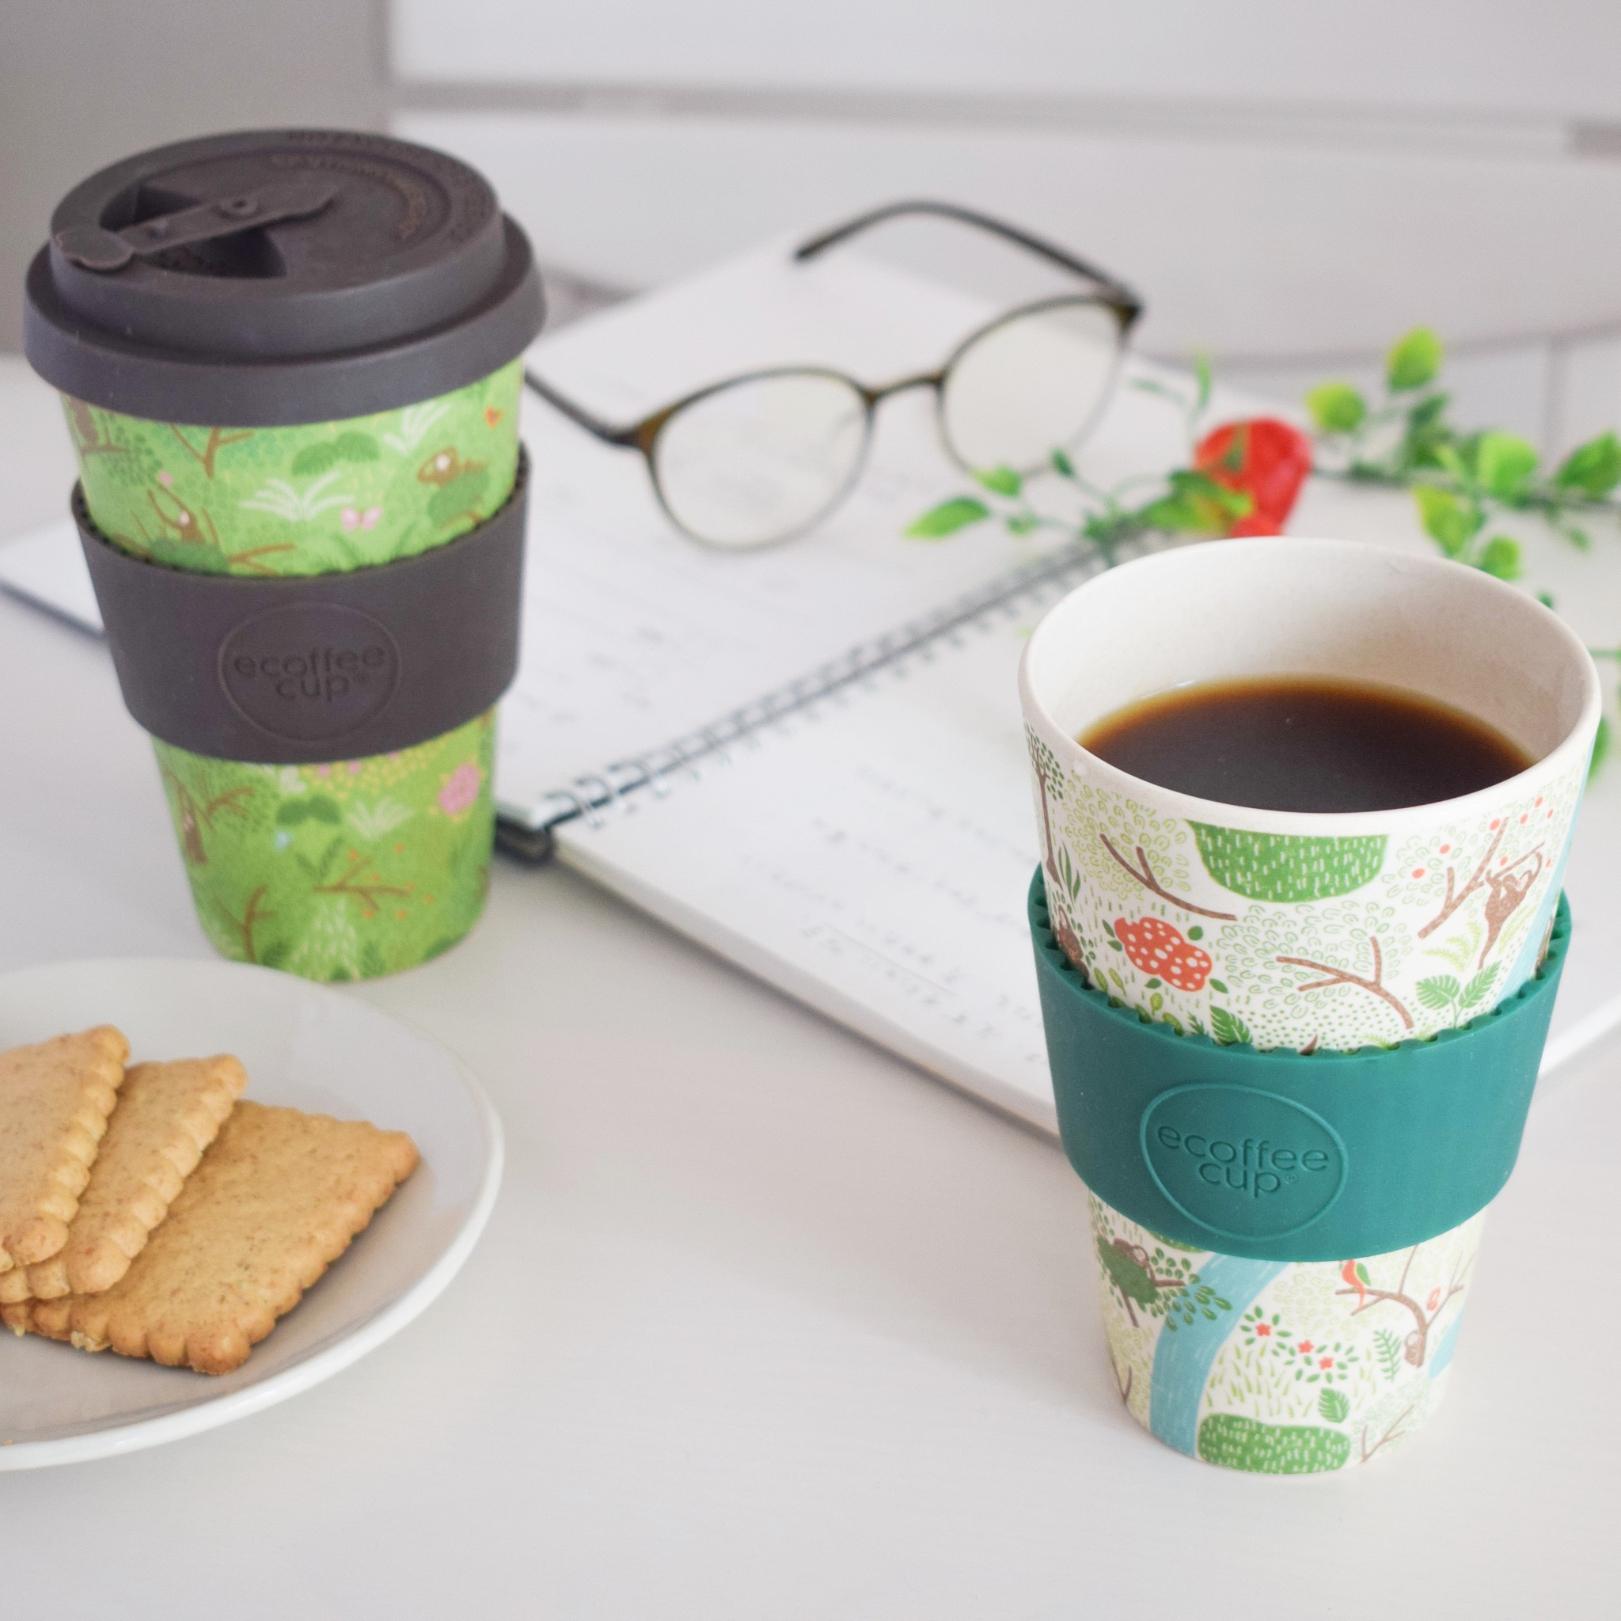 【自由テーマ】世界初、オランウータンを守るオリジナルエコーヒーカップ